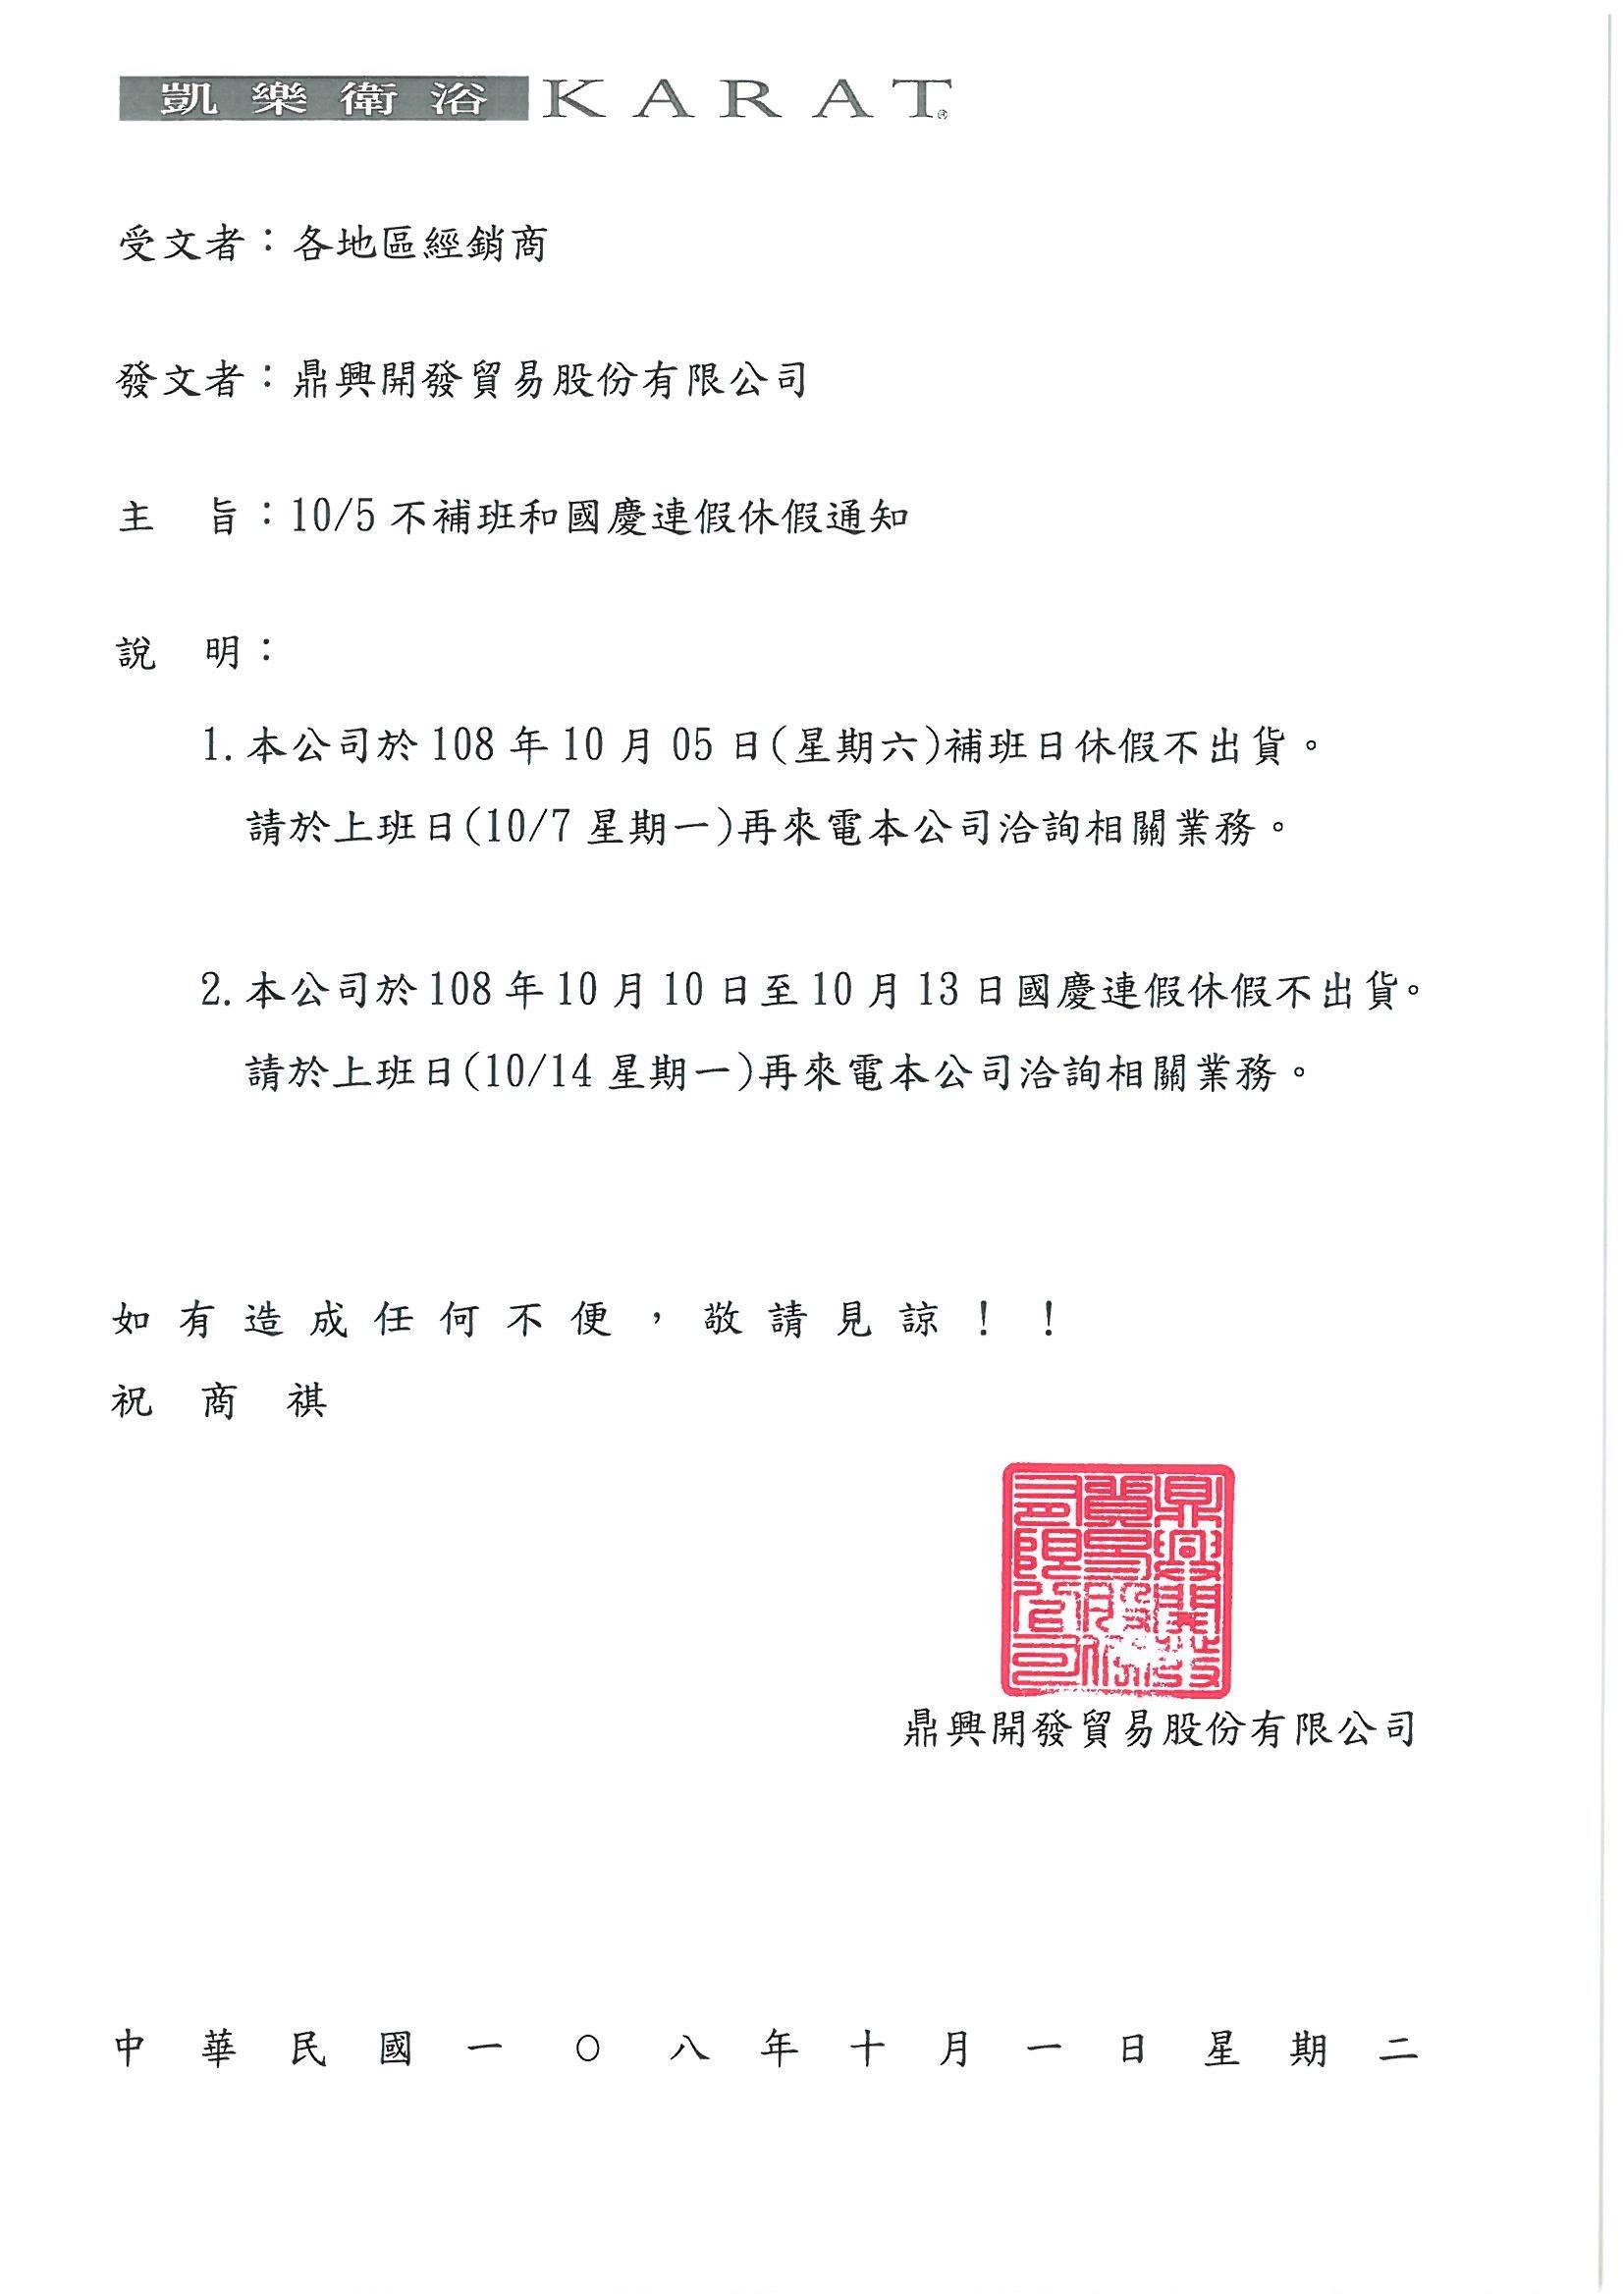 20190926-國慶連假休假通知.jpg